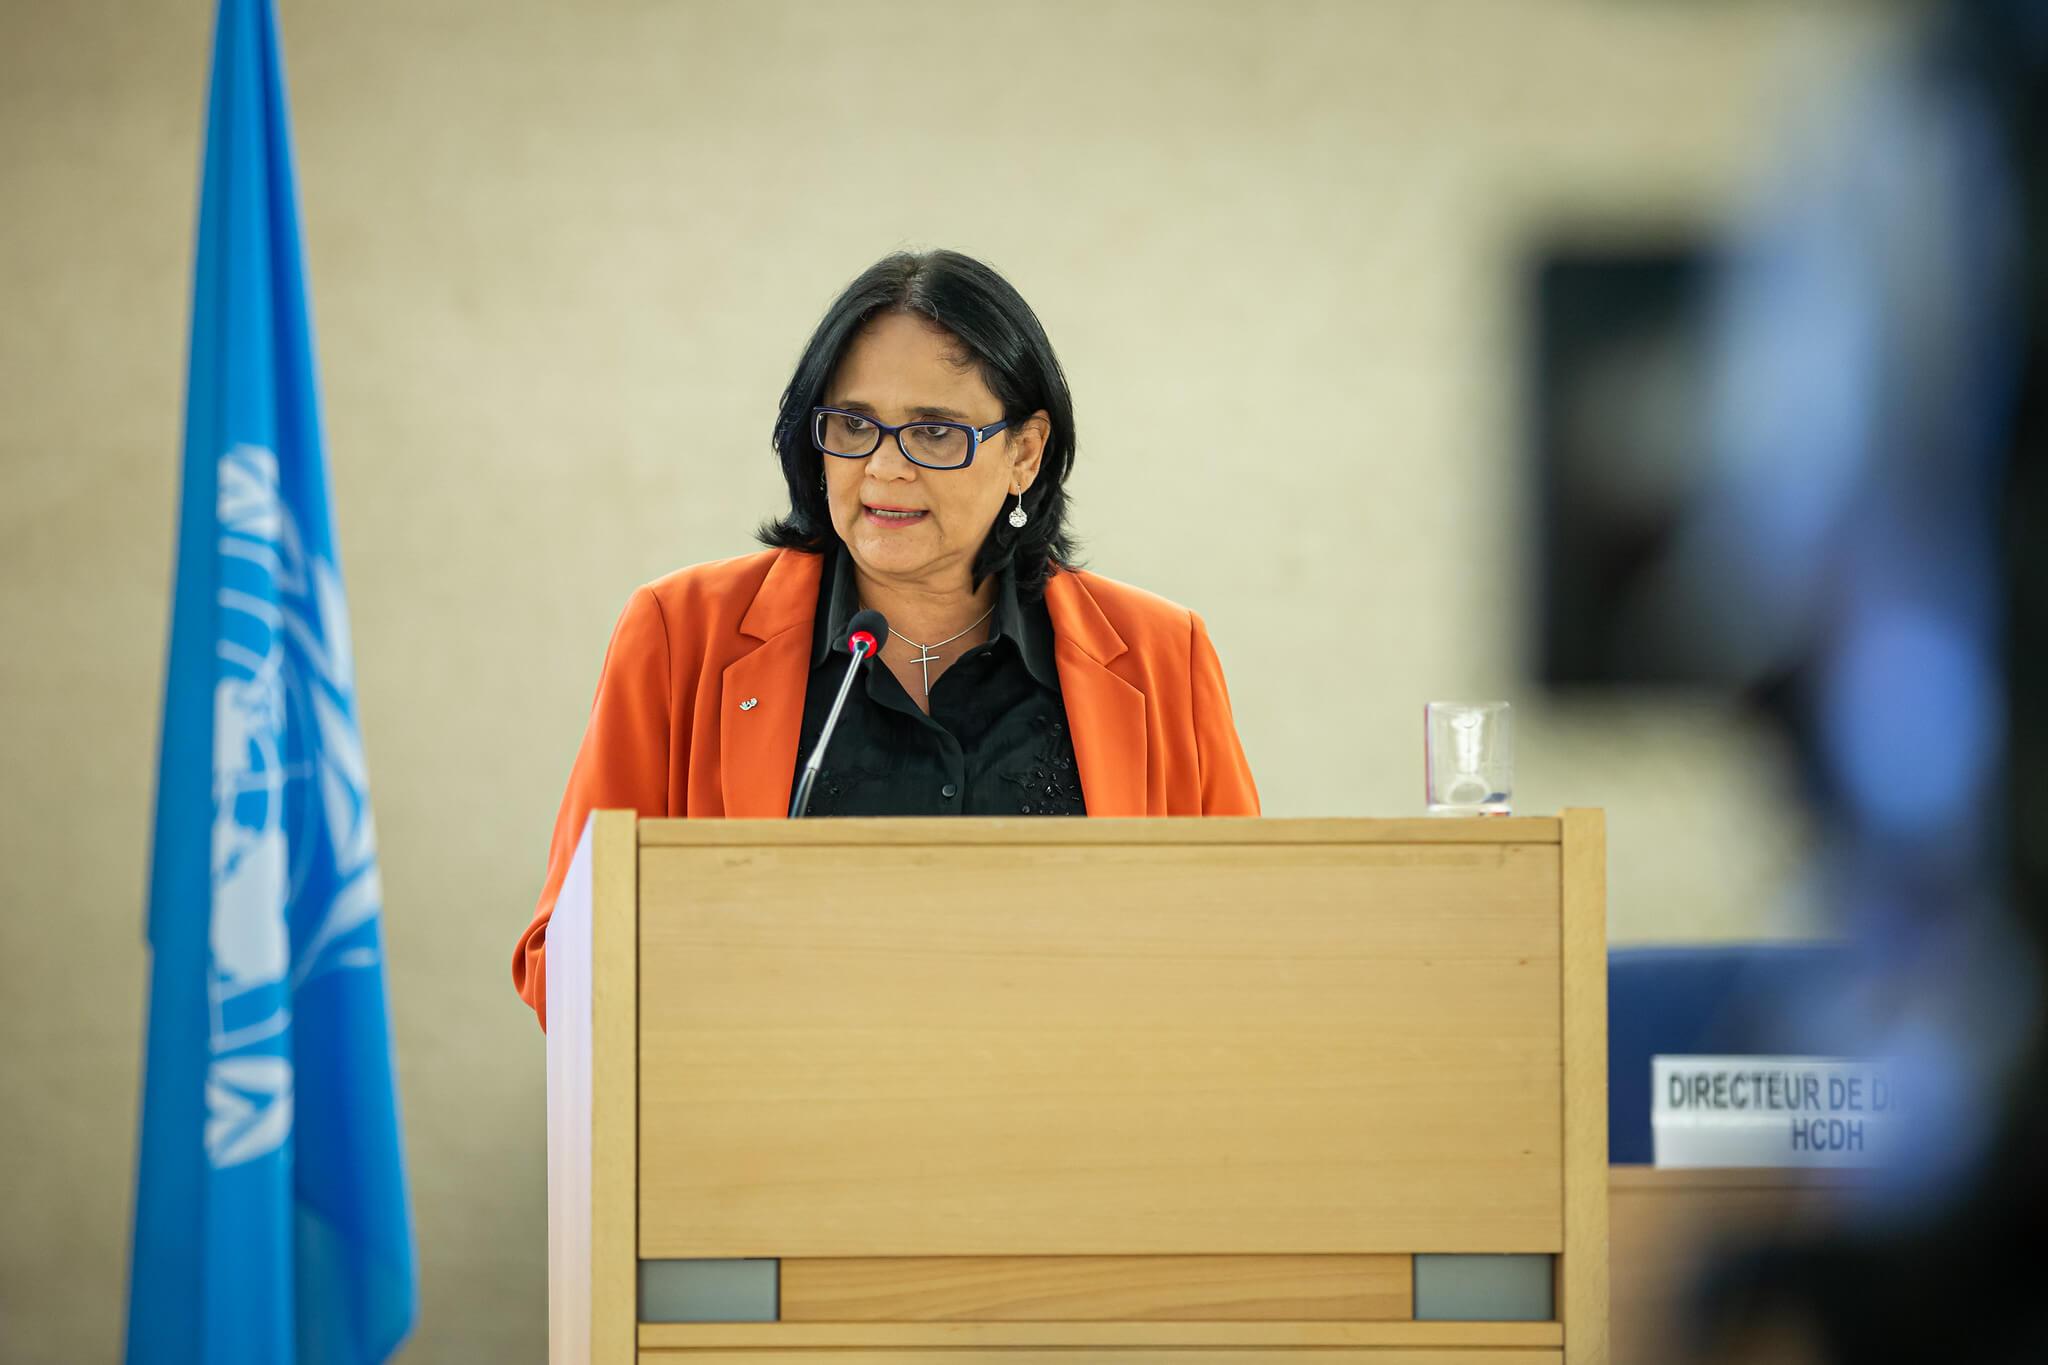 Le ministre Damares Alves du ministère de la Femme, de la Famille et des Droits de l'homme dans un discours.